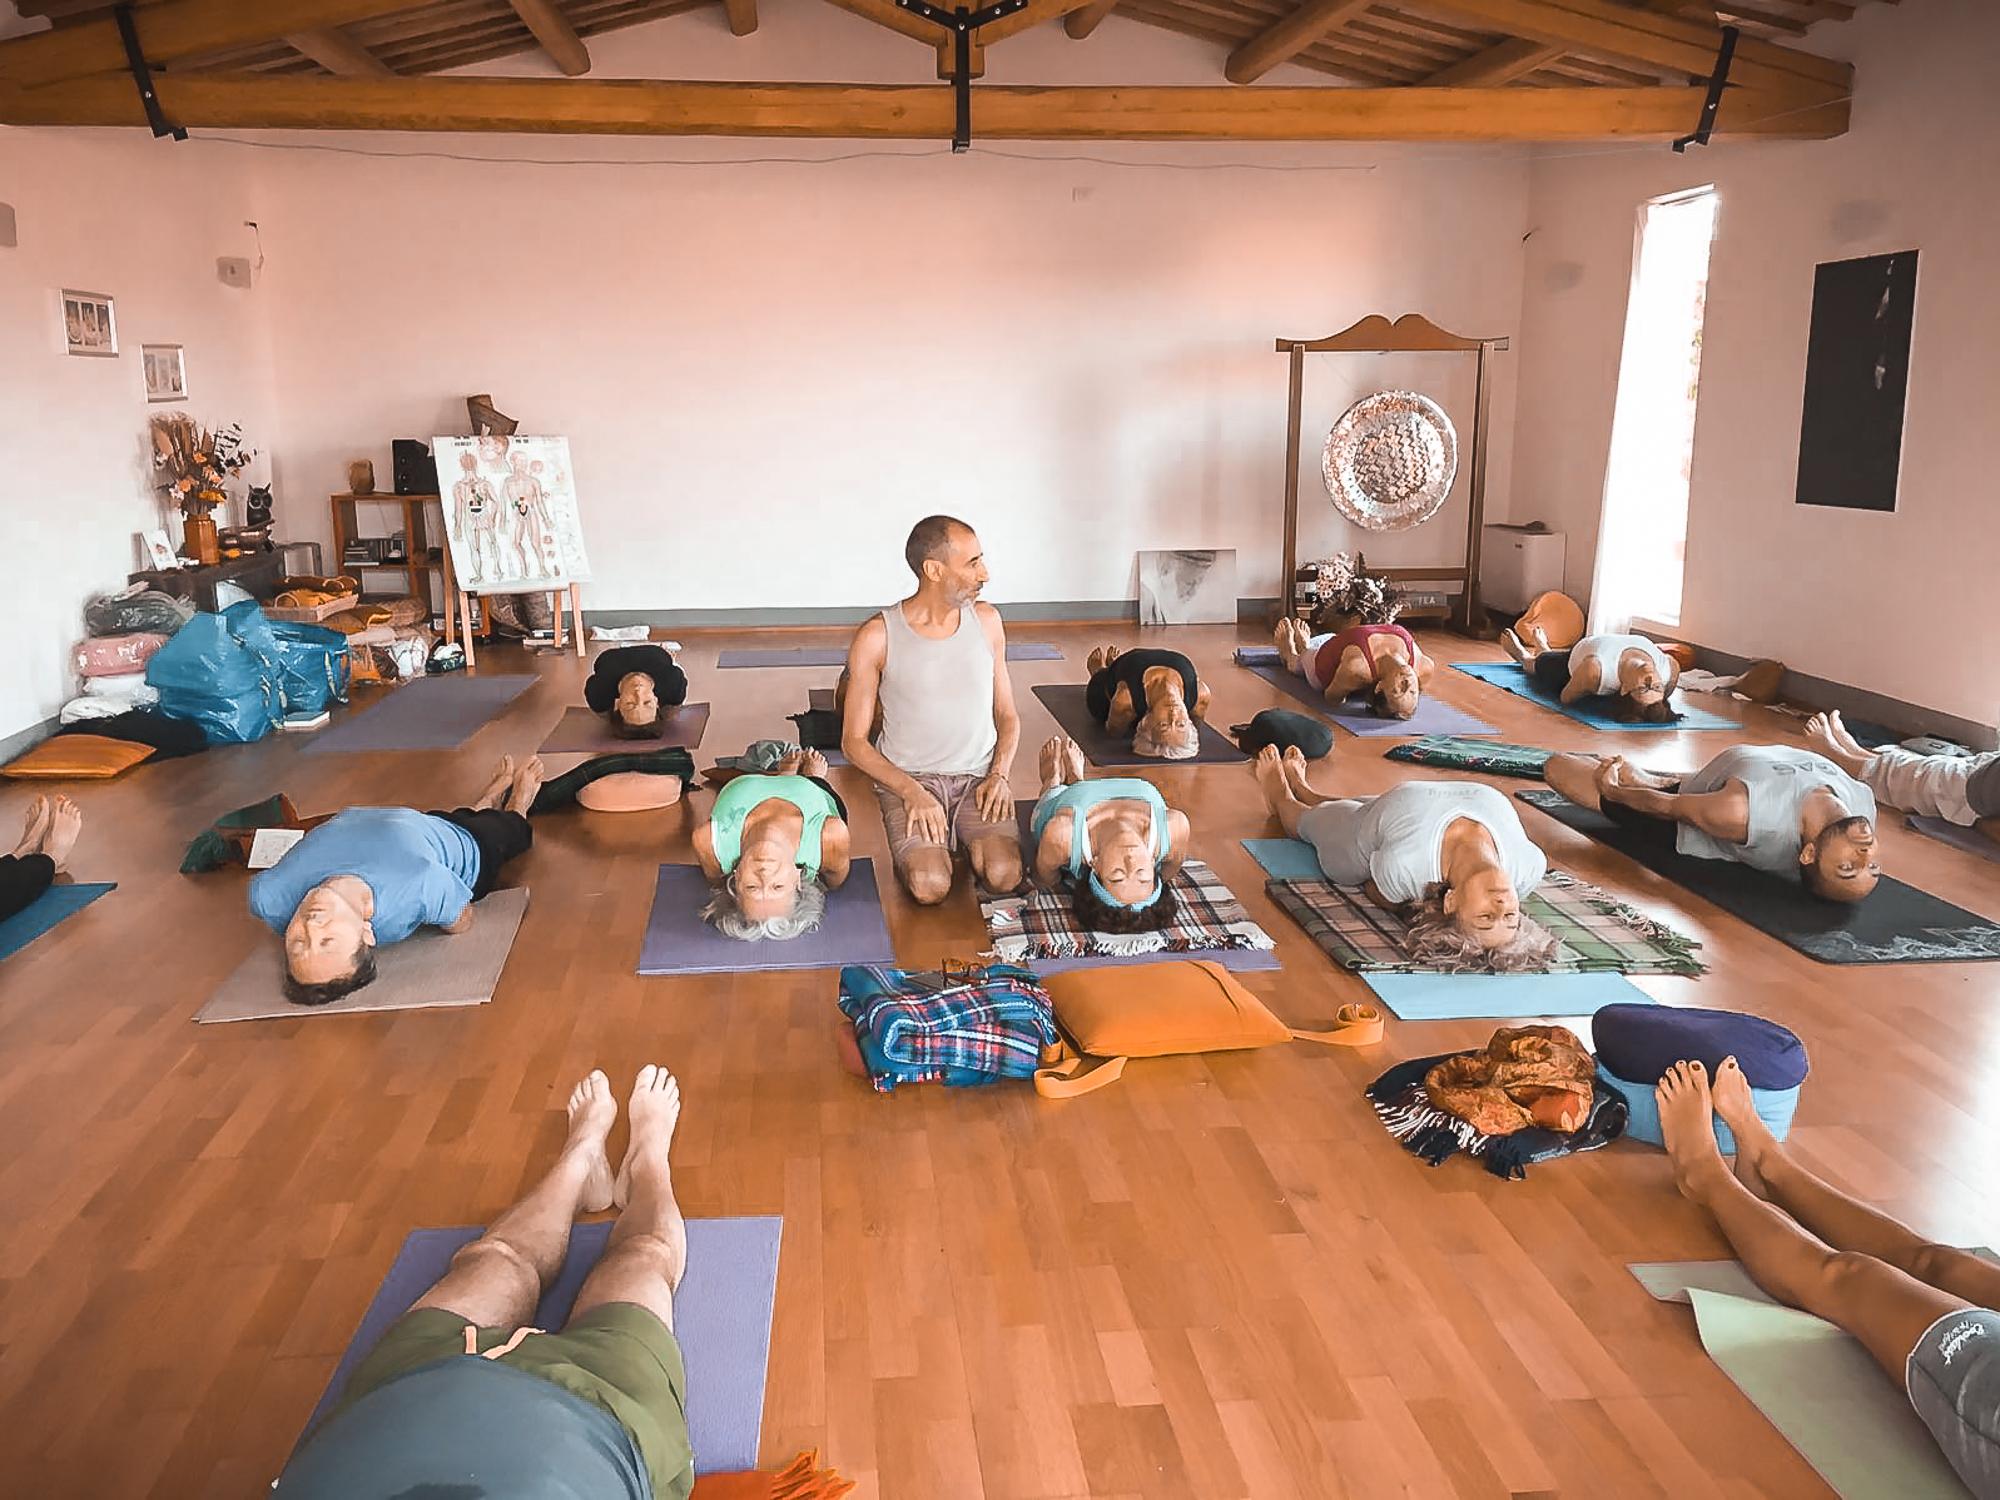 Insegnante-yoga-posizioni-esercizi-relax-meditazione